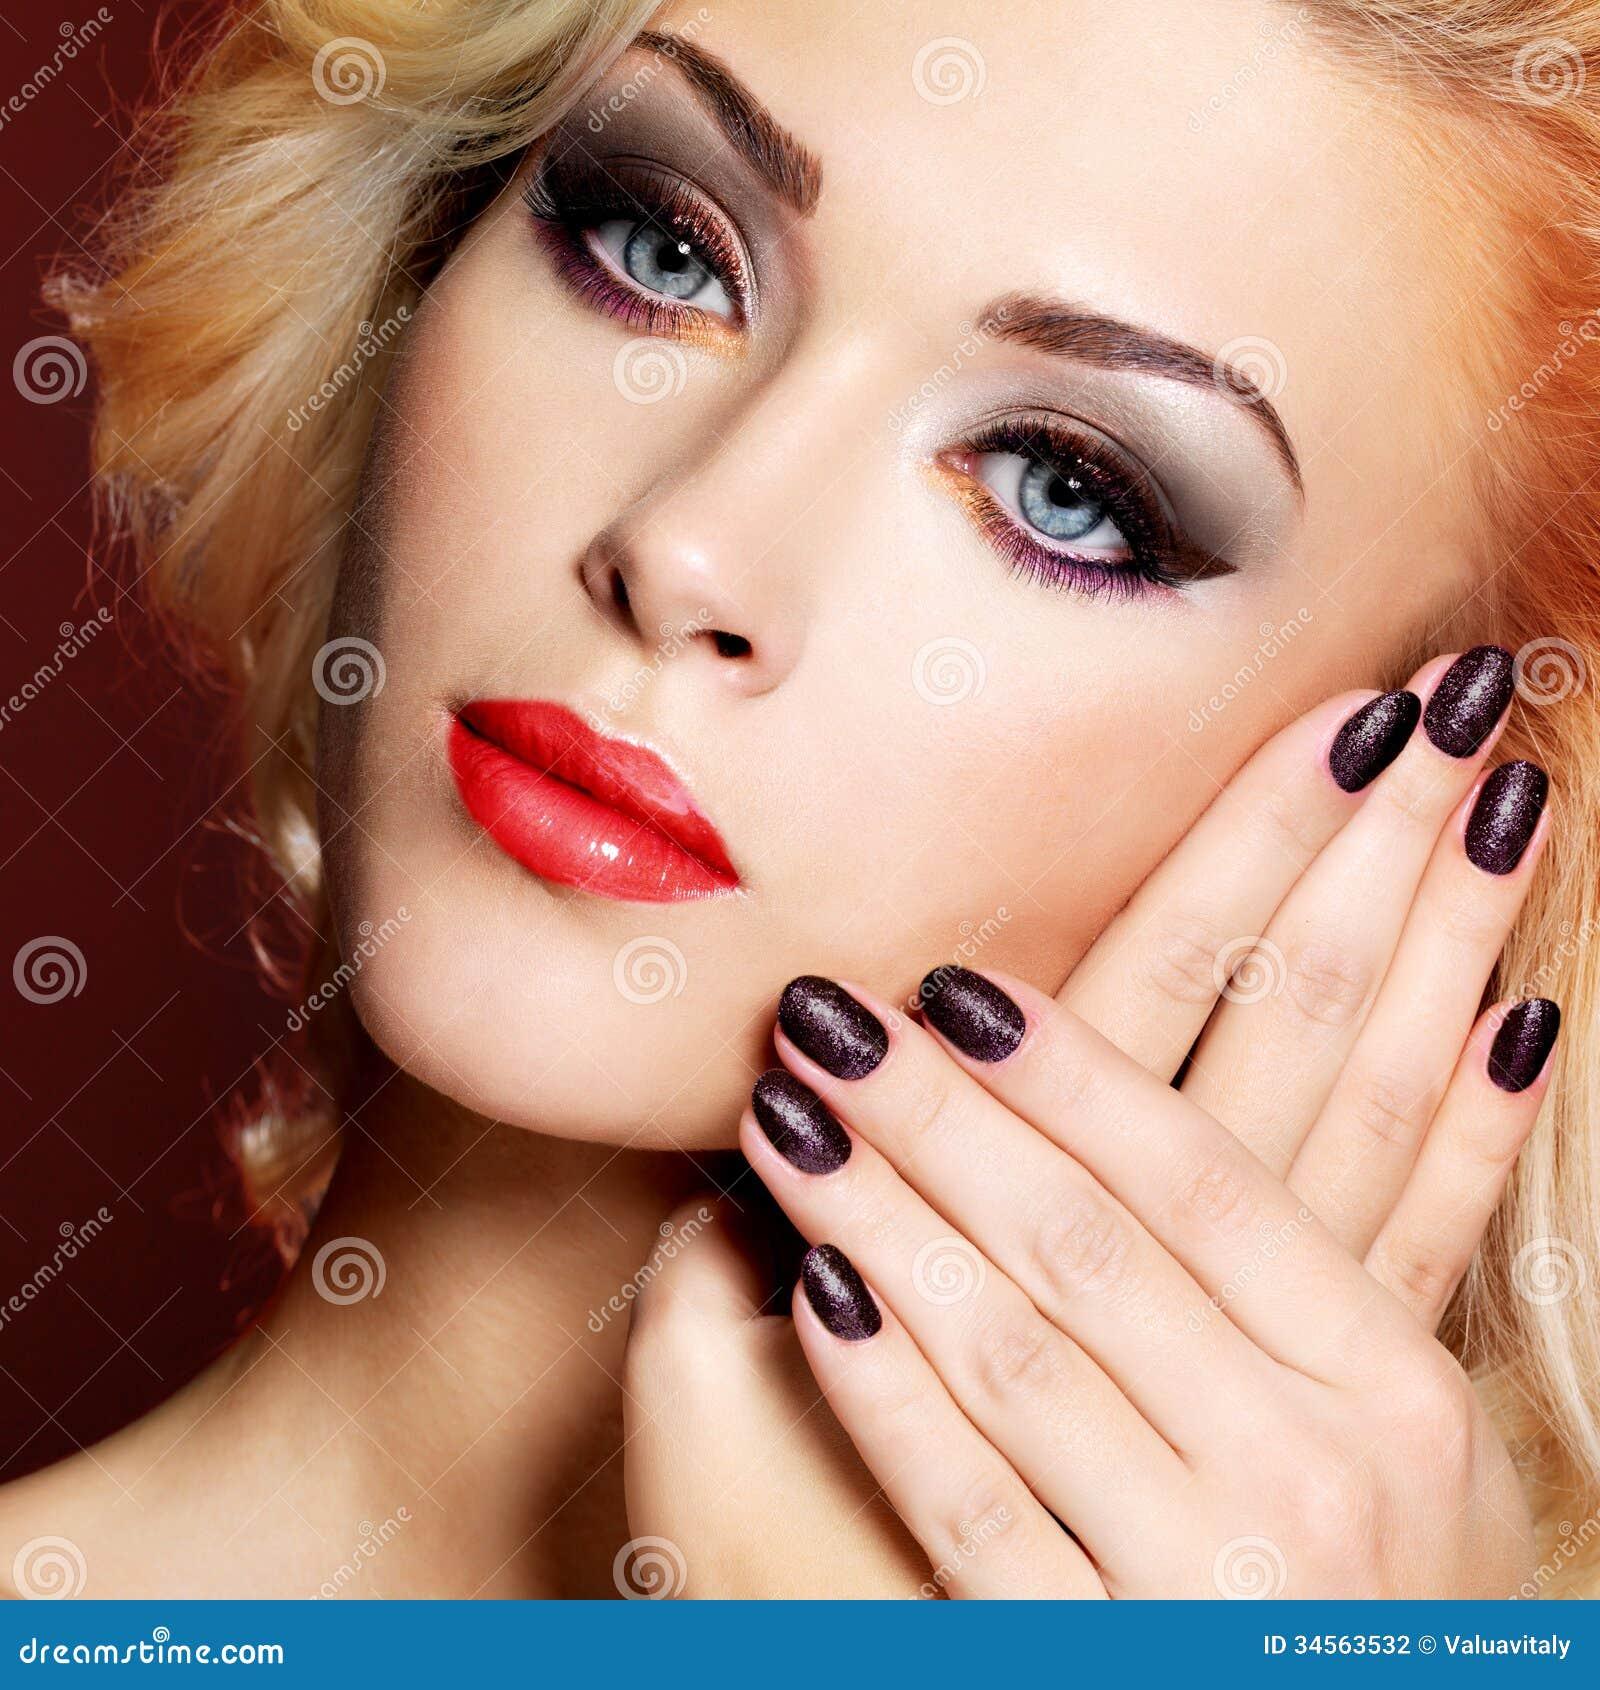 Фото девушка с красными губами